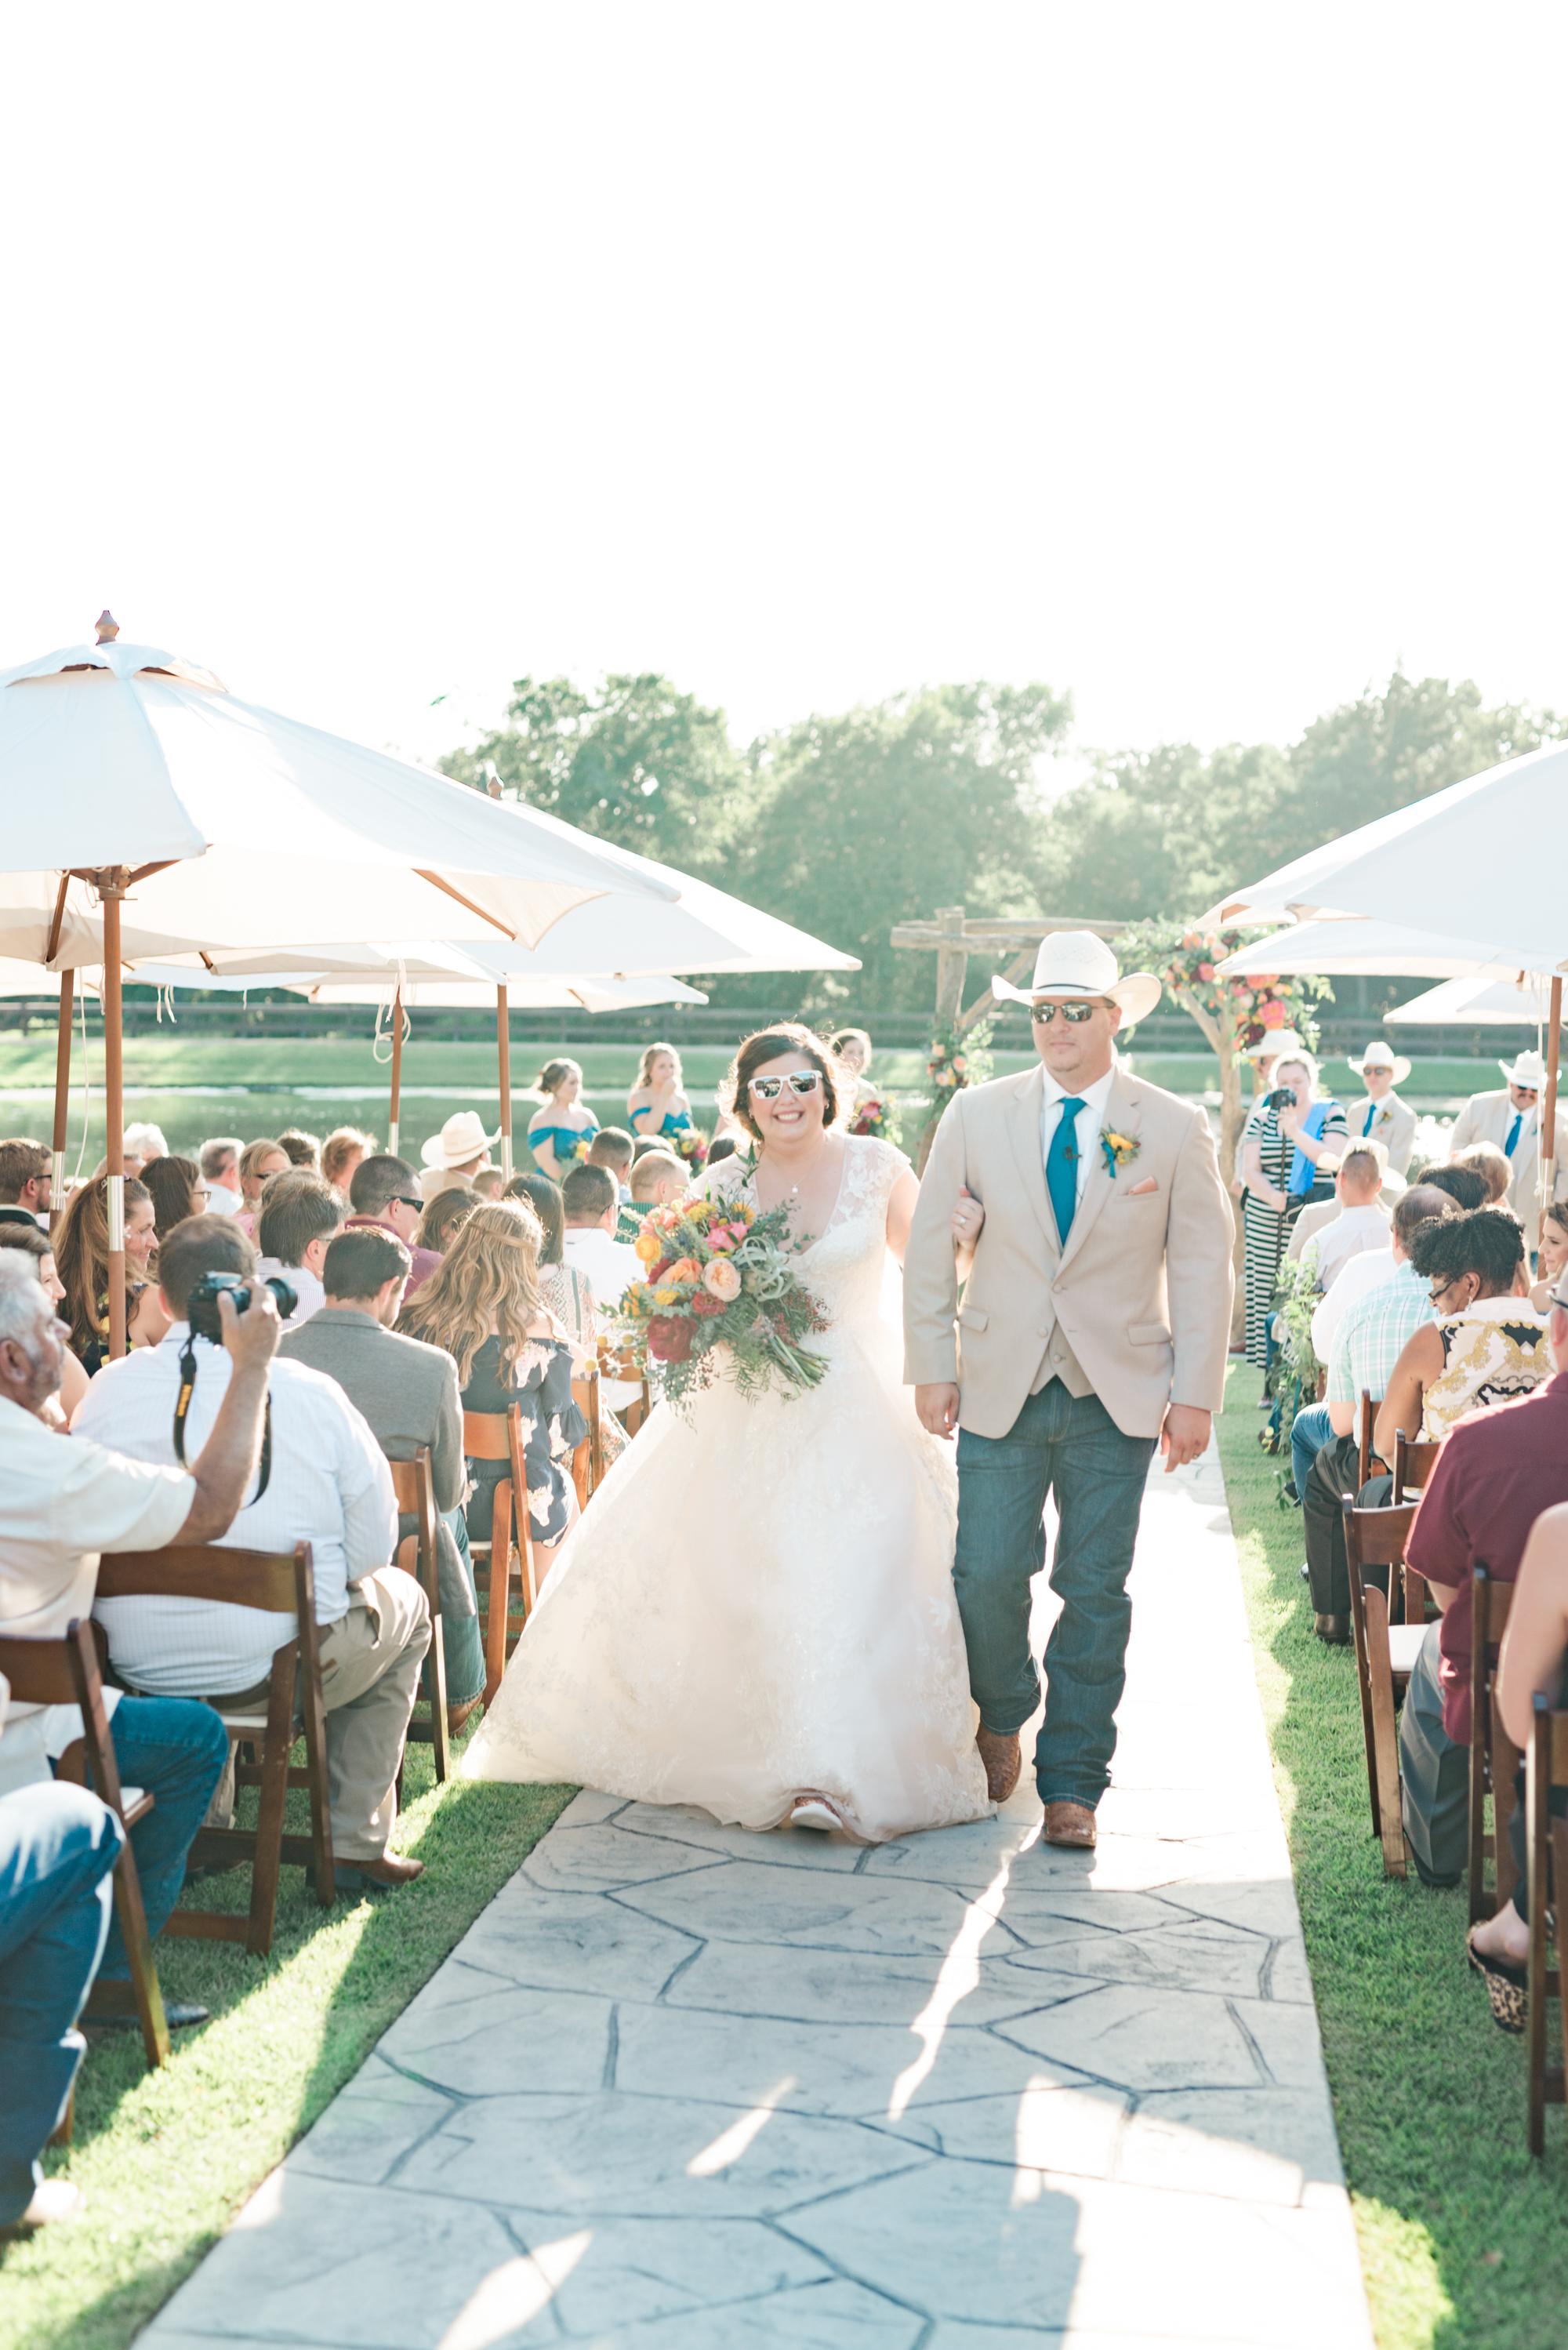 Wesley-Wedding-Ten23-Photography-584.jpg